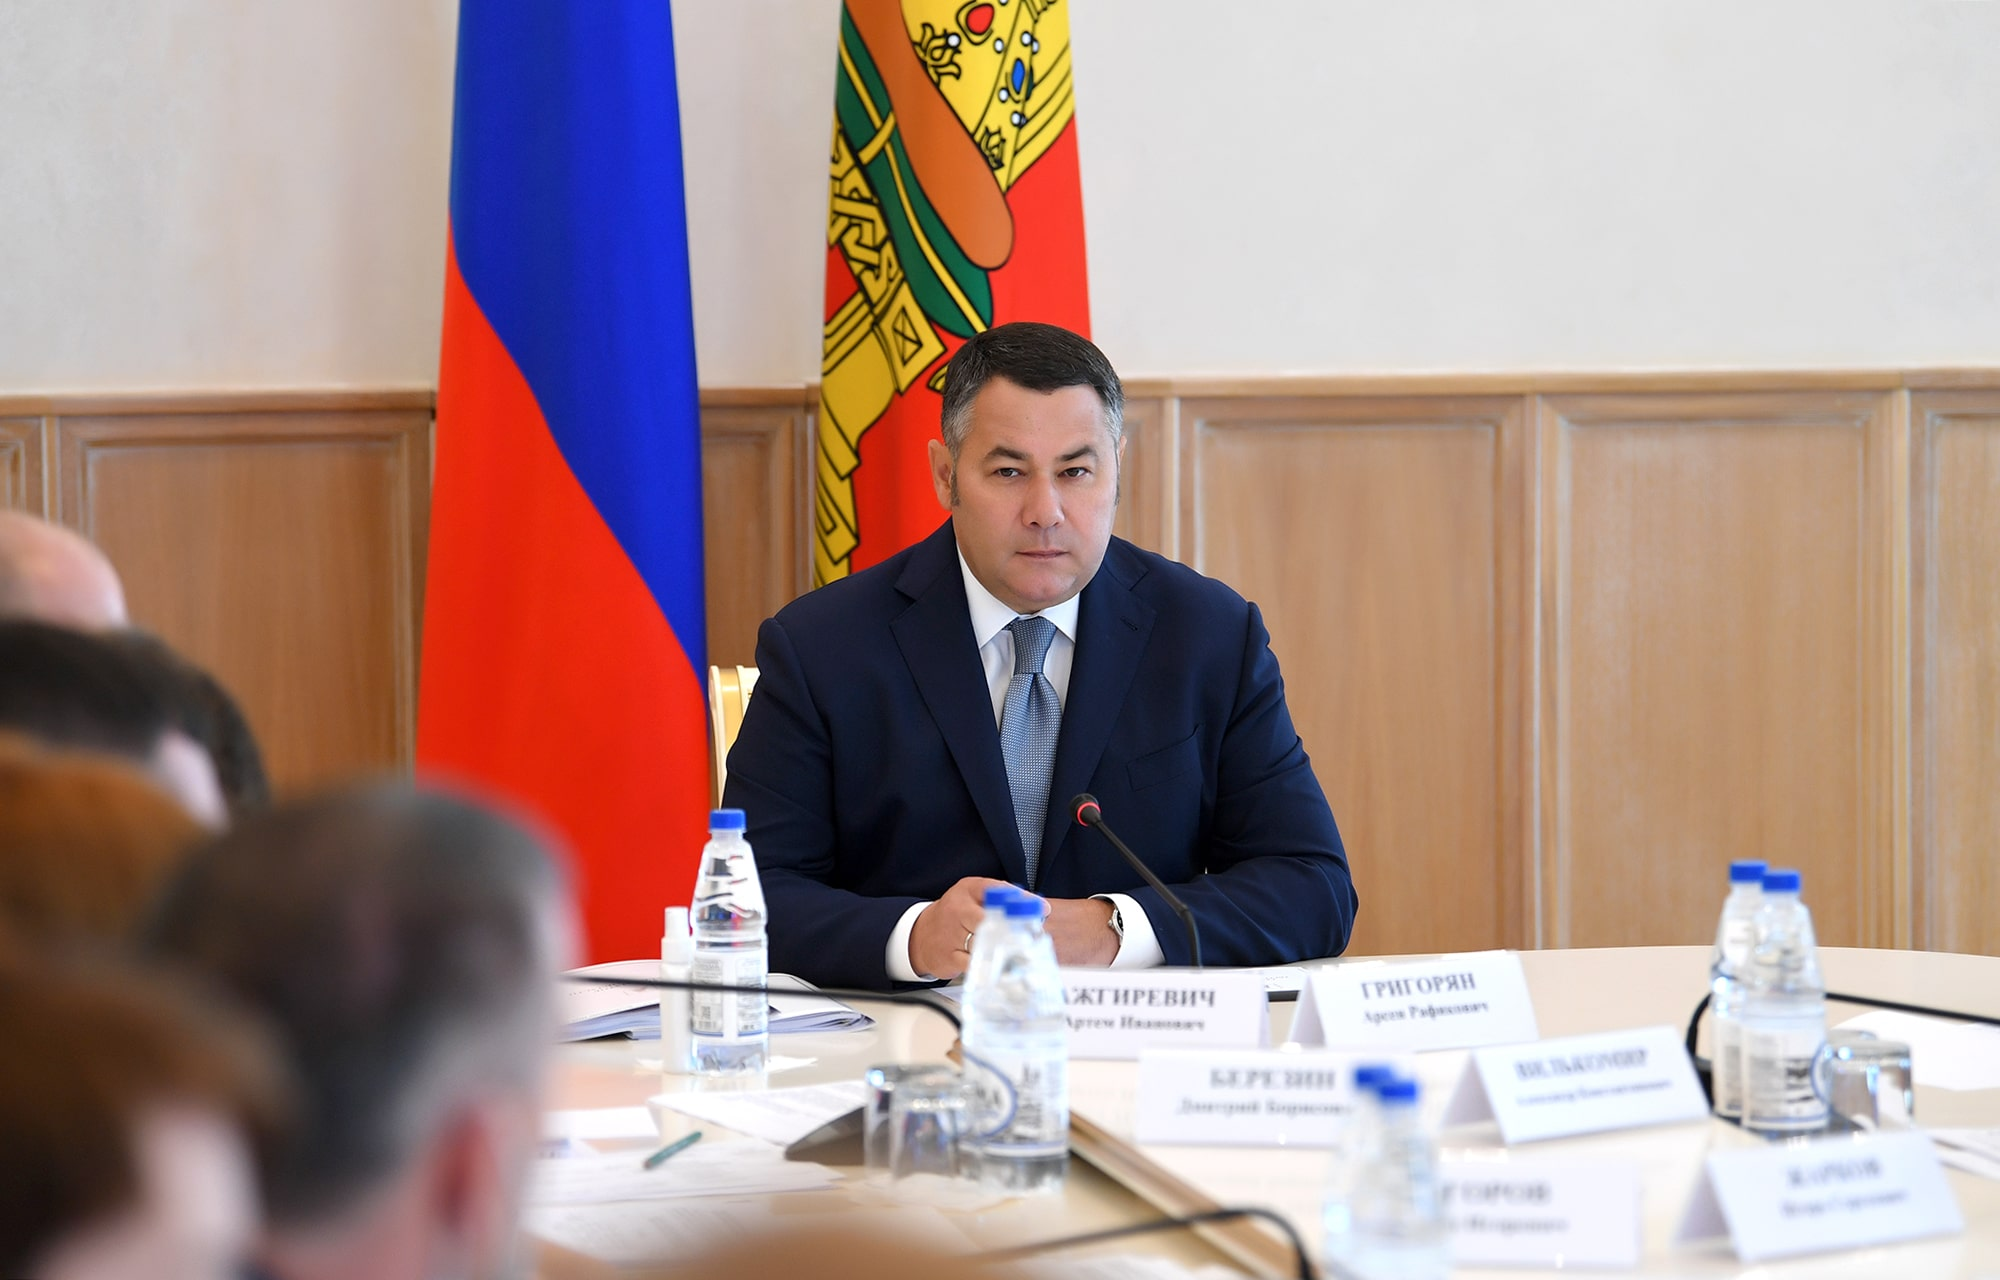 Губернатор поручил круглосуточно контролировать пожароопасную обстановку в Тверской области